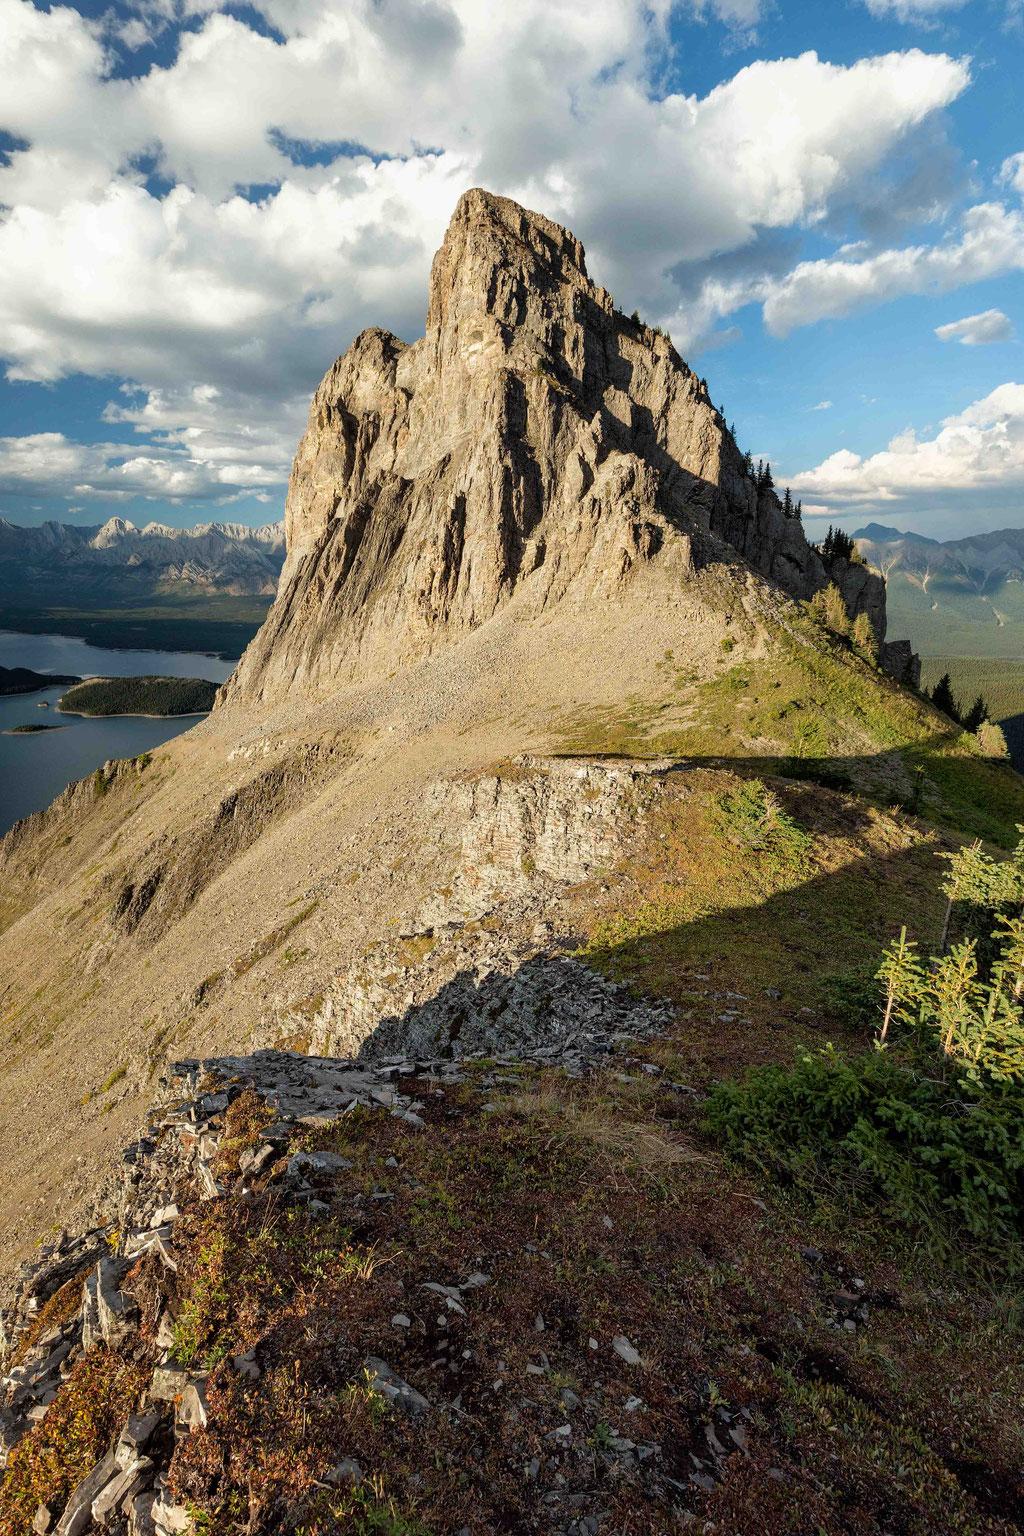 The ridge line